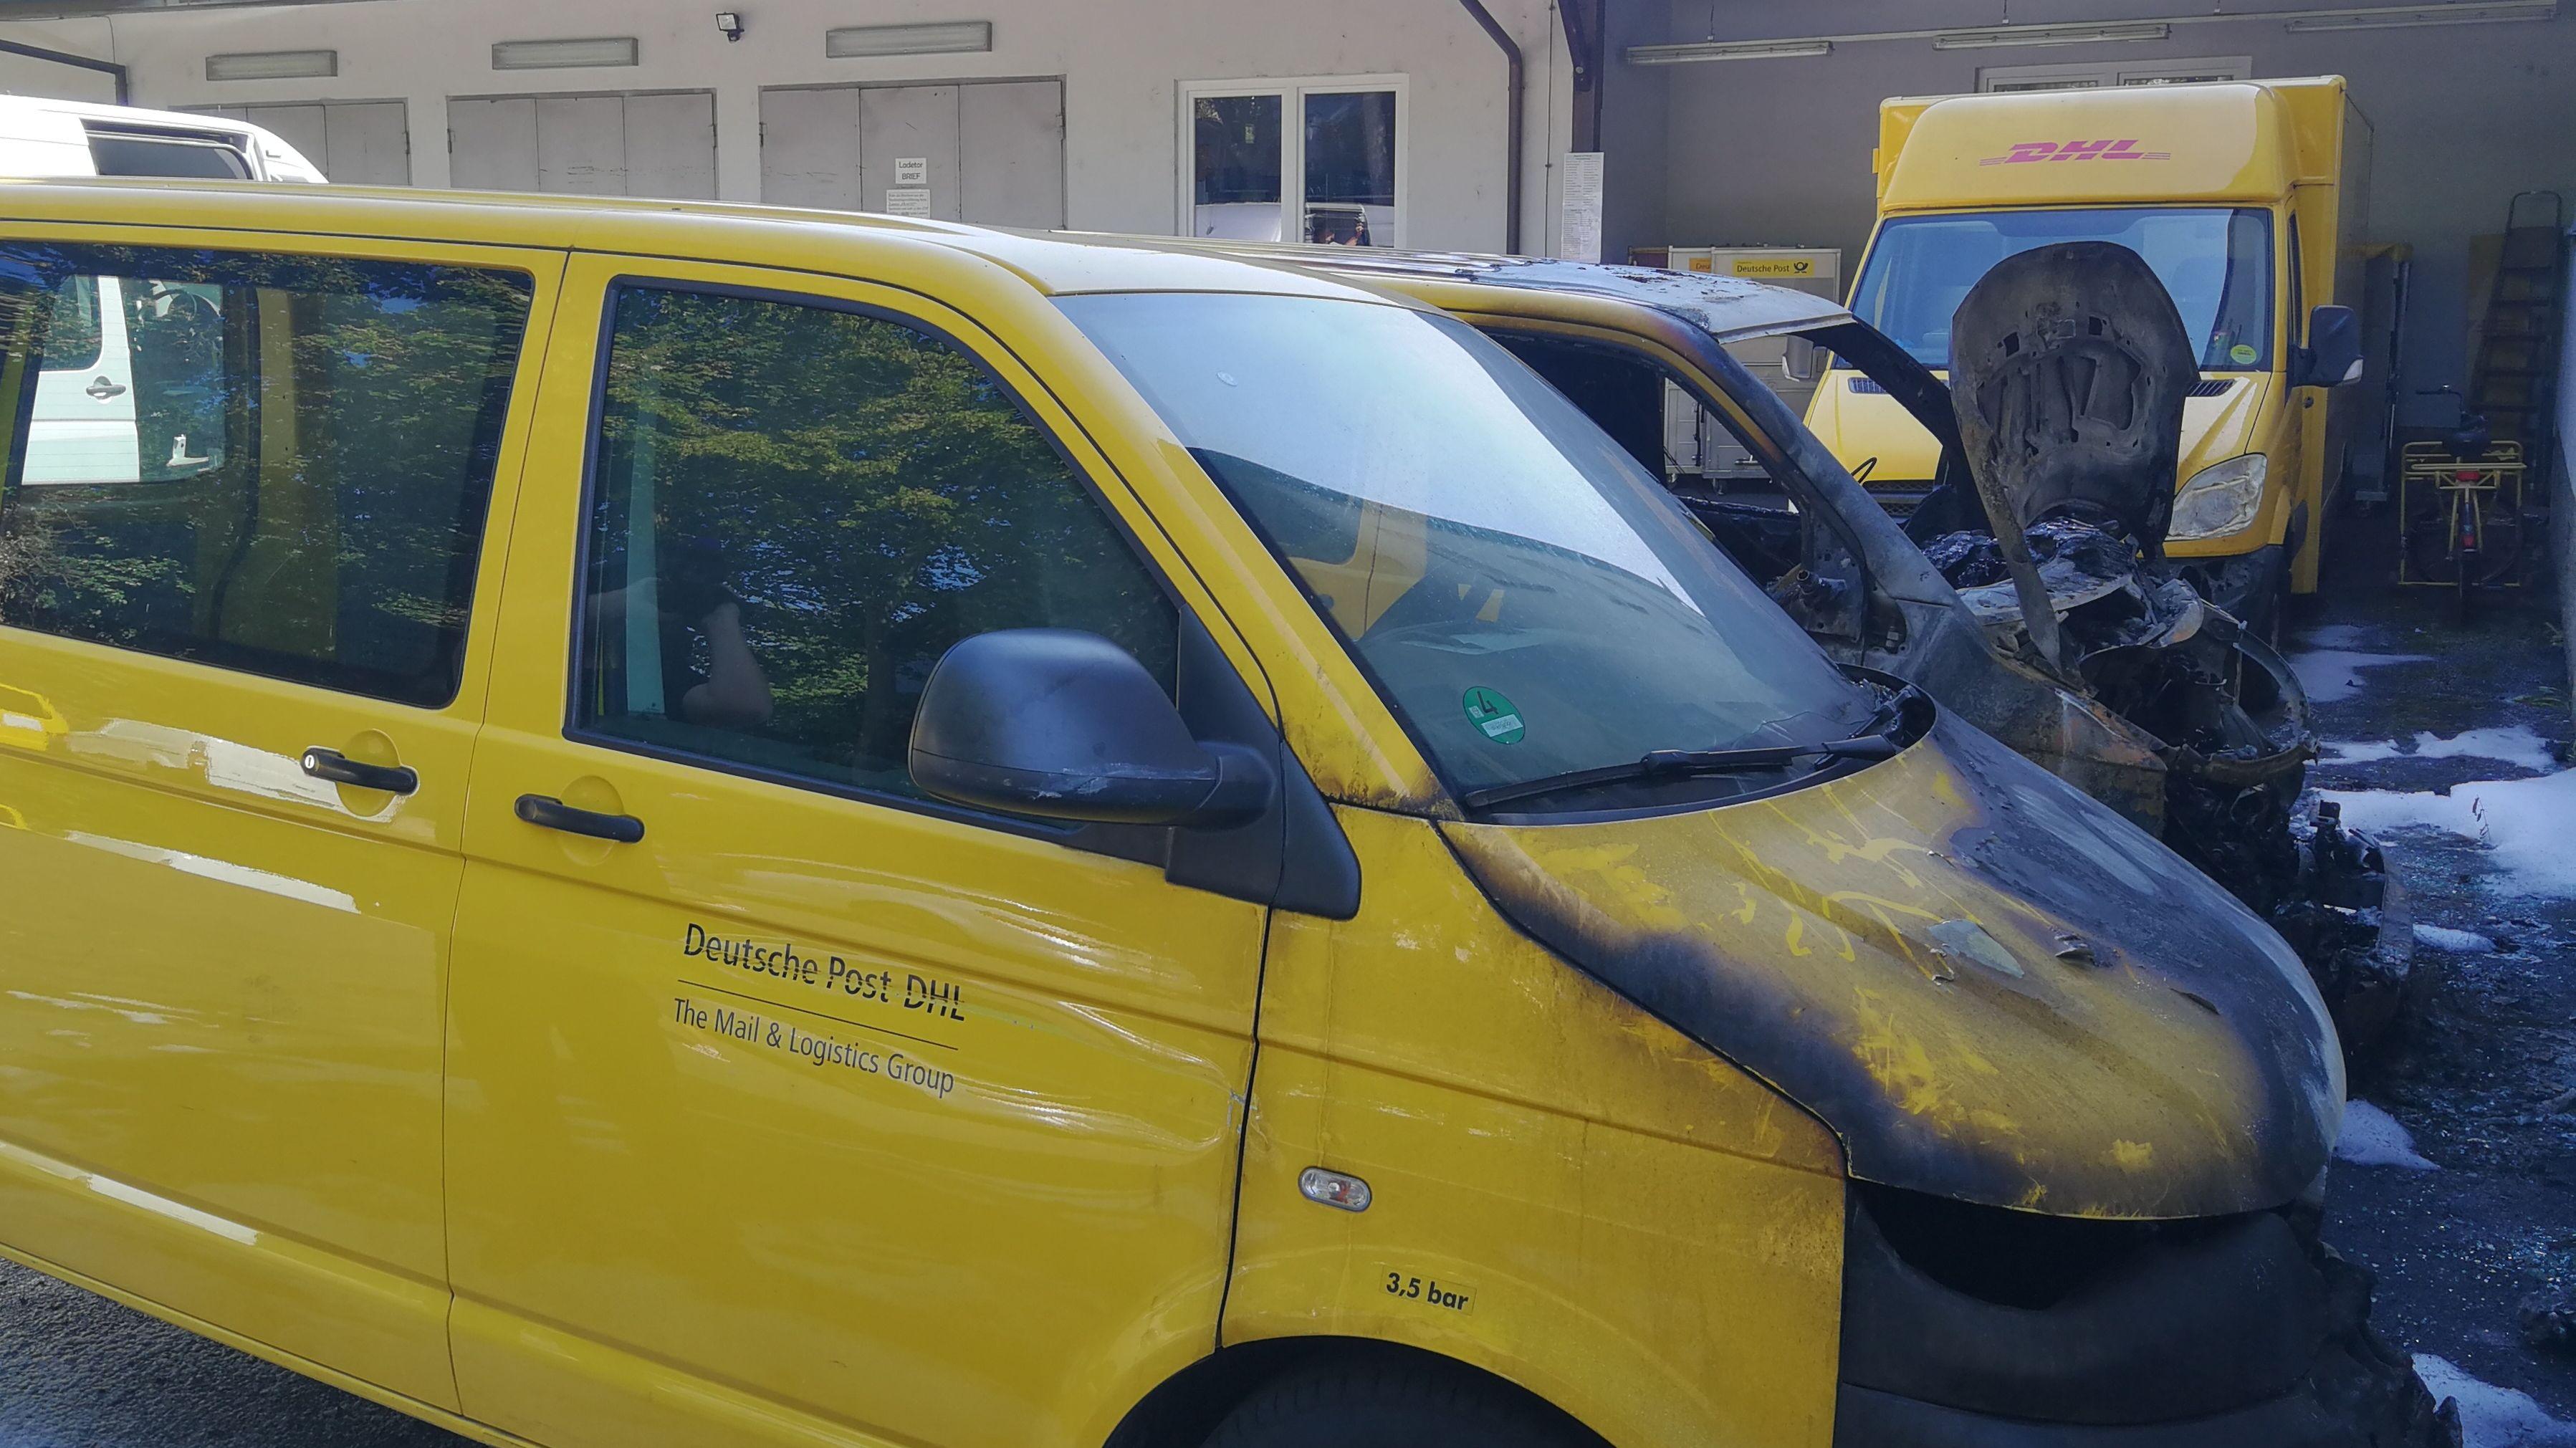 Ausgeebrannte Postautos auf einem Parkplatz in Hammelburg.